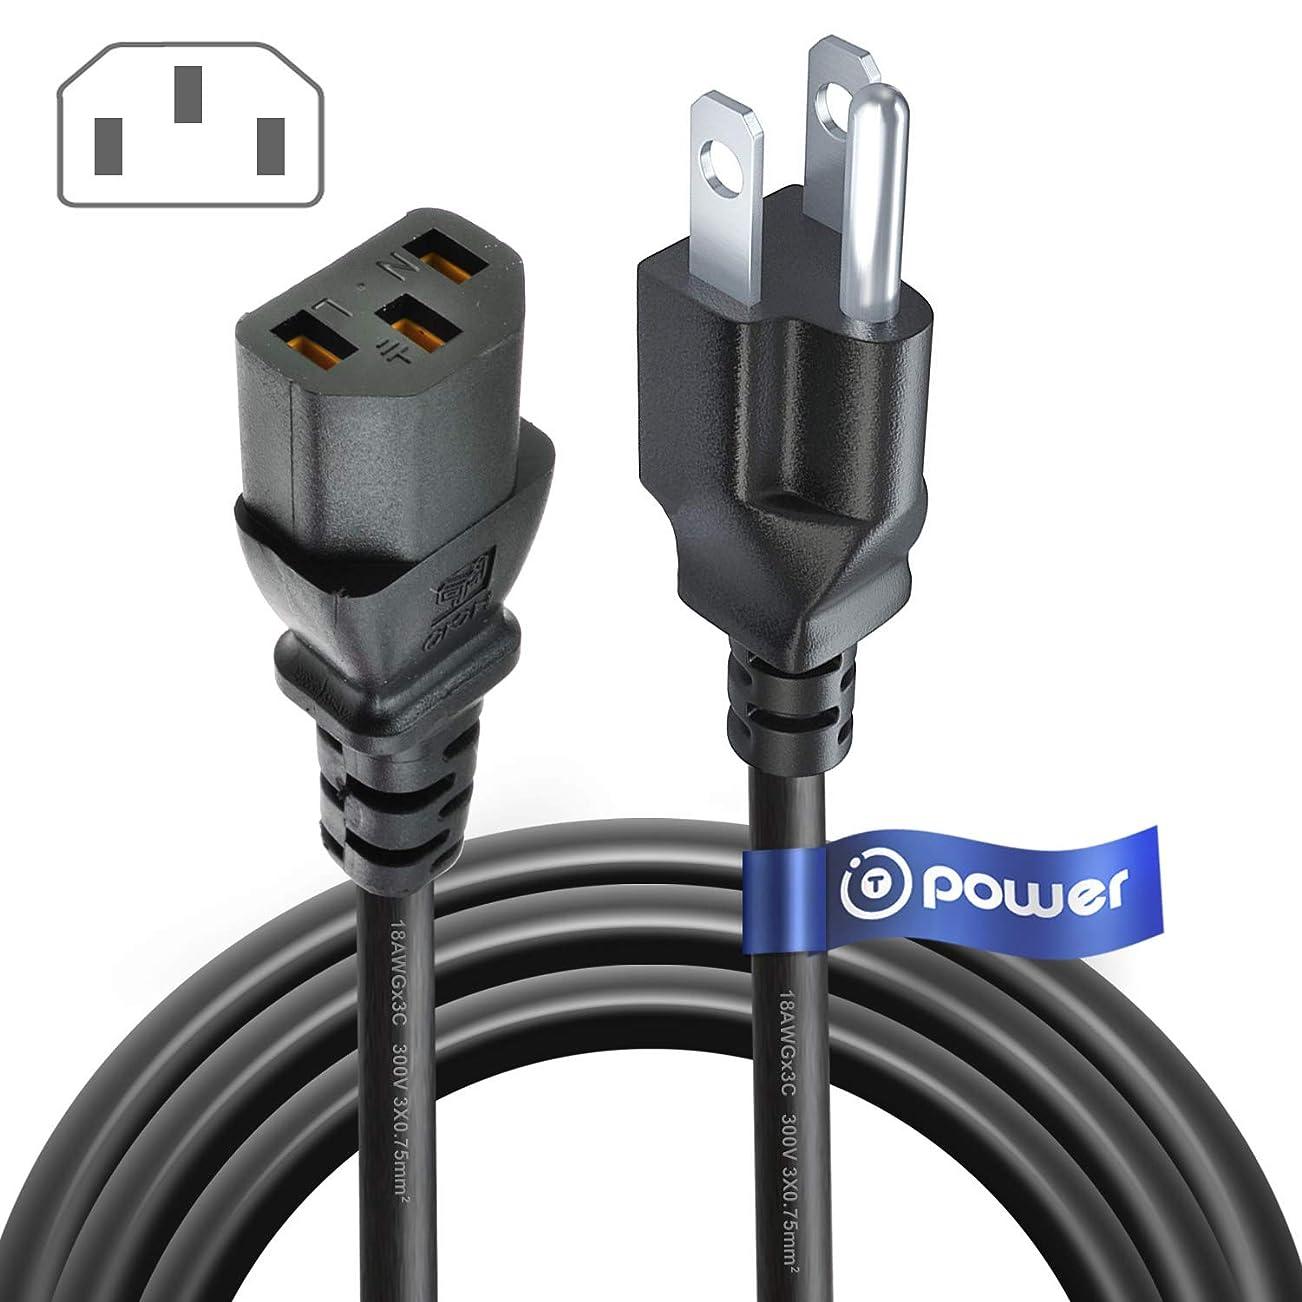 ひどく上昇シロナガスクジラt-power 4?ft 3-prong AC電源ケーブルコードfor SyncMasterシリーズLCDモニタパーツ# bh39?–?10339e、18?AWGスマートHDTVモニタ電源供給ケーブルコード